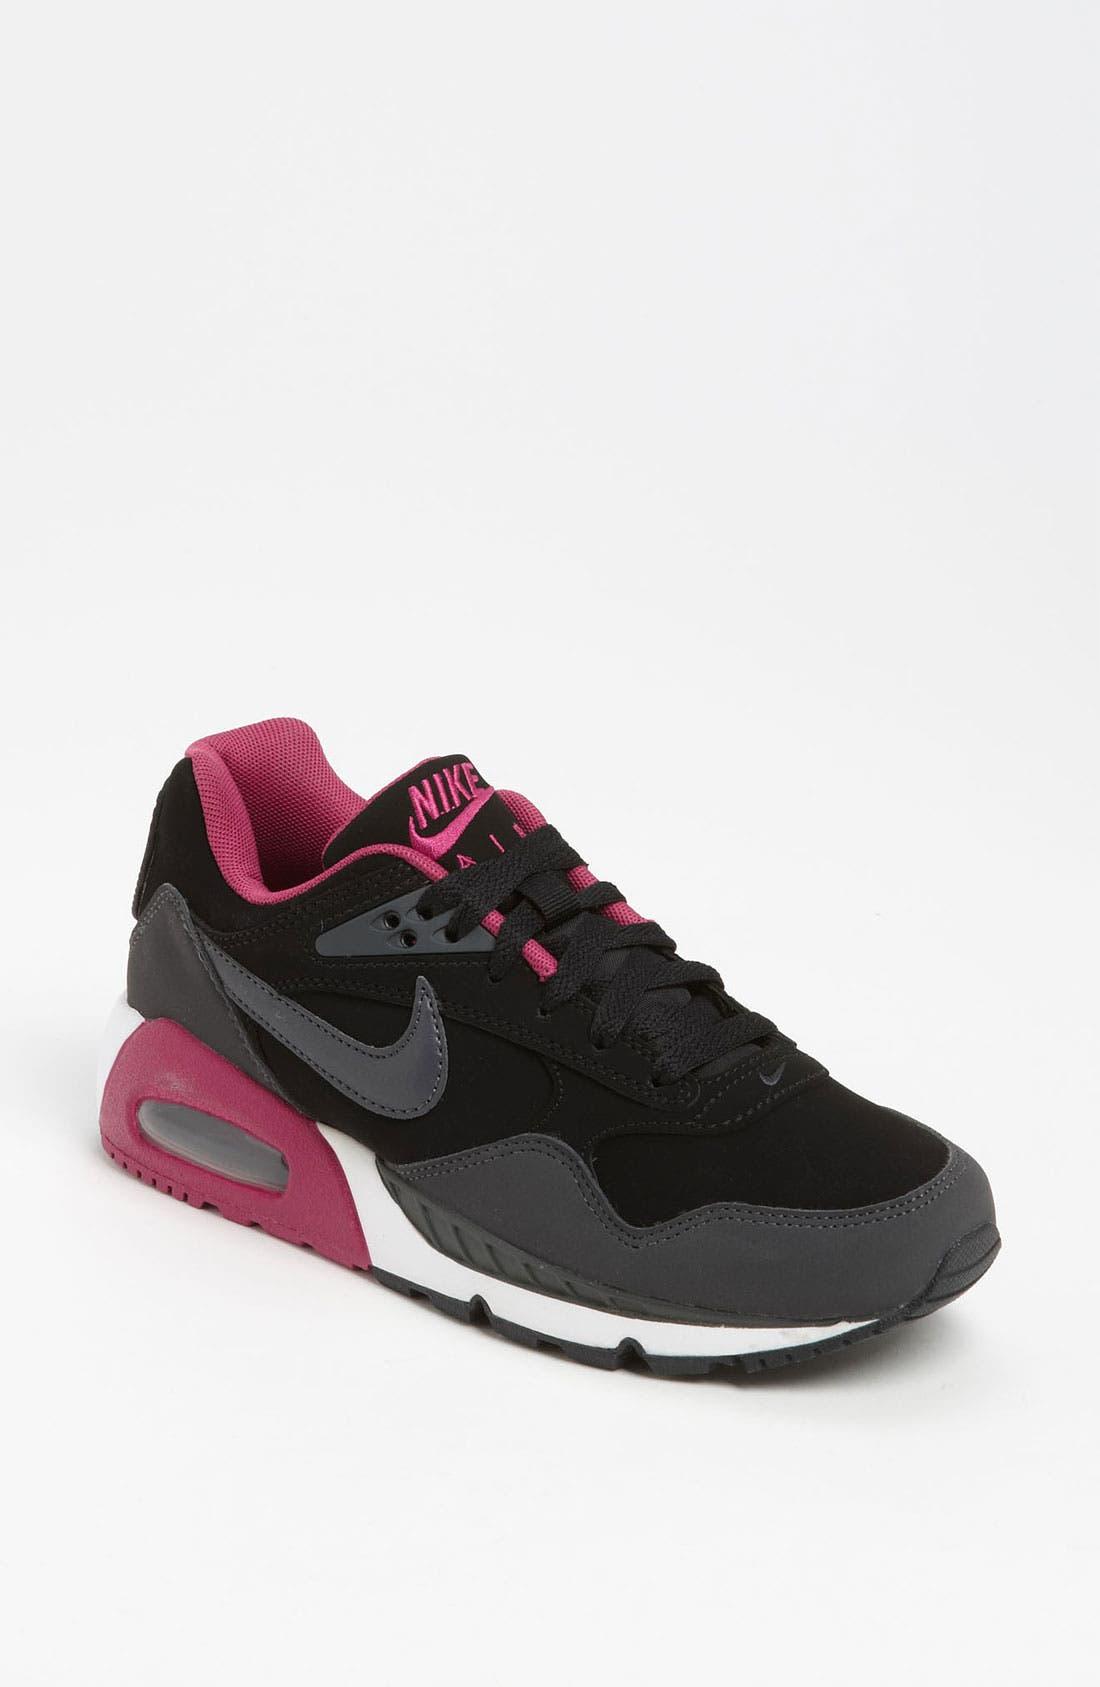 Alternate Image 1 Selected - Nike 'Air Max Sunrise' Sneaker (Women)